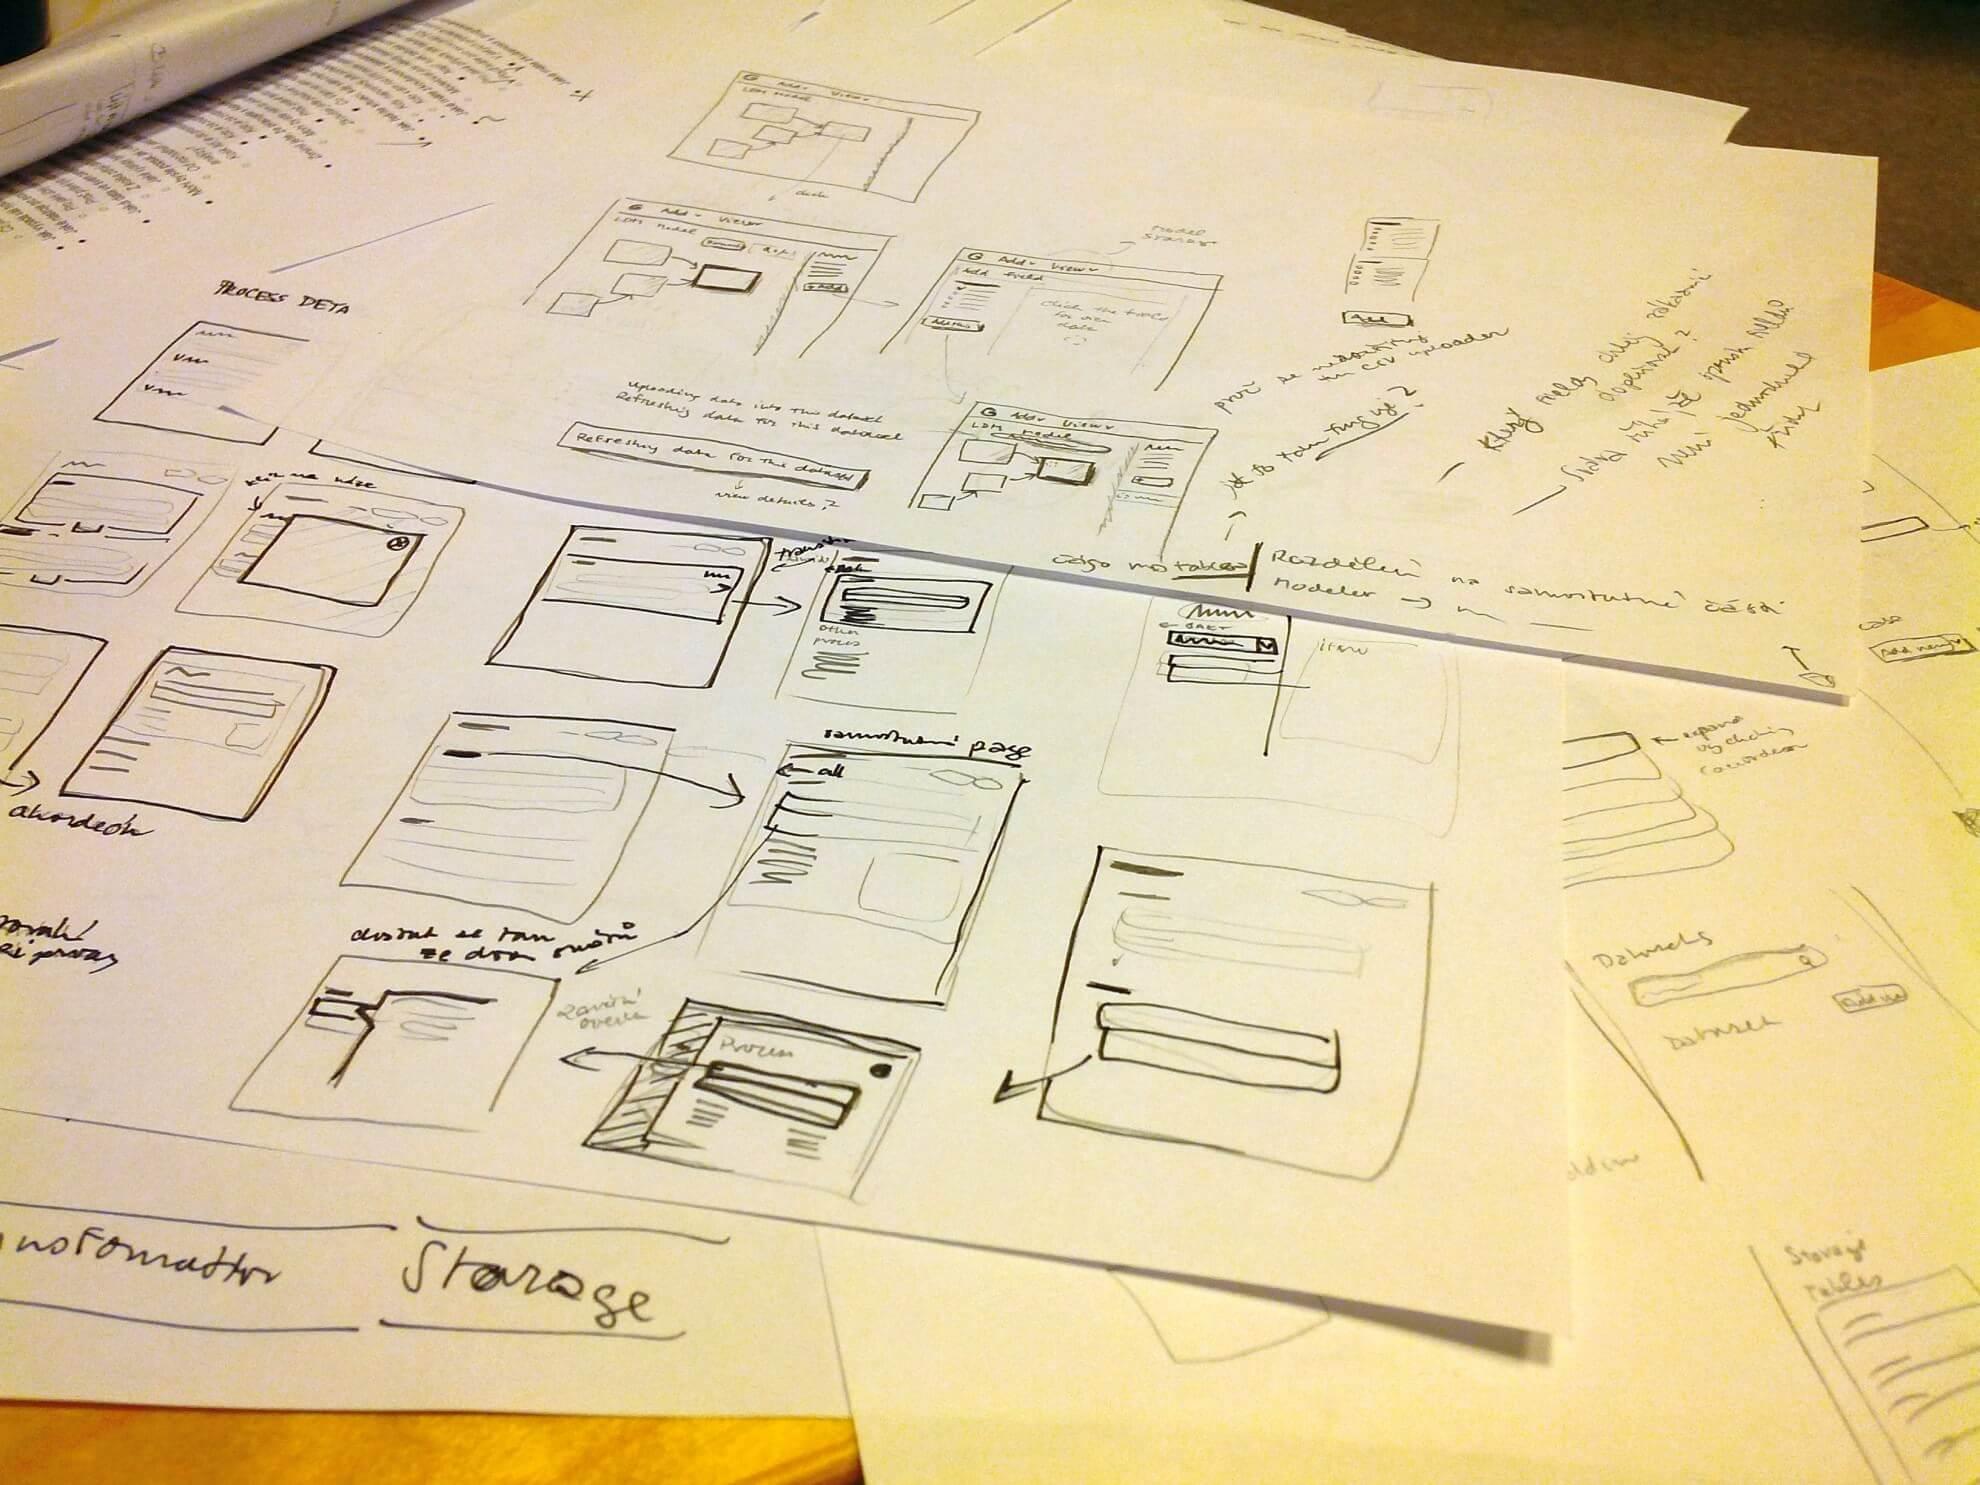 Skicování není umělecká činnost, ale nástroj pro efektivní vytváření nápadů a komunikaci.